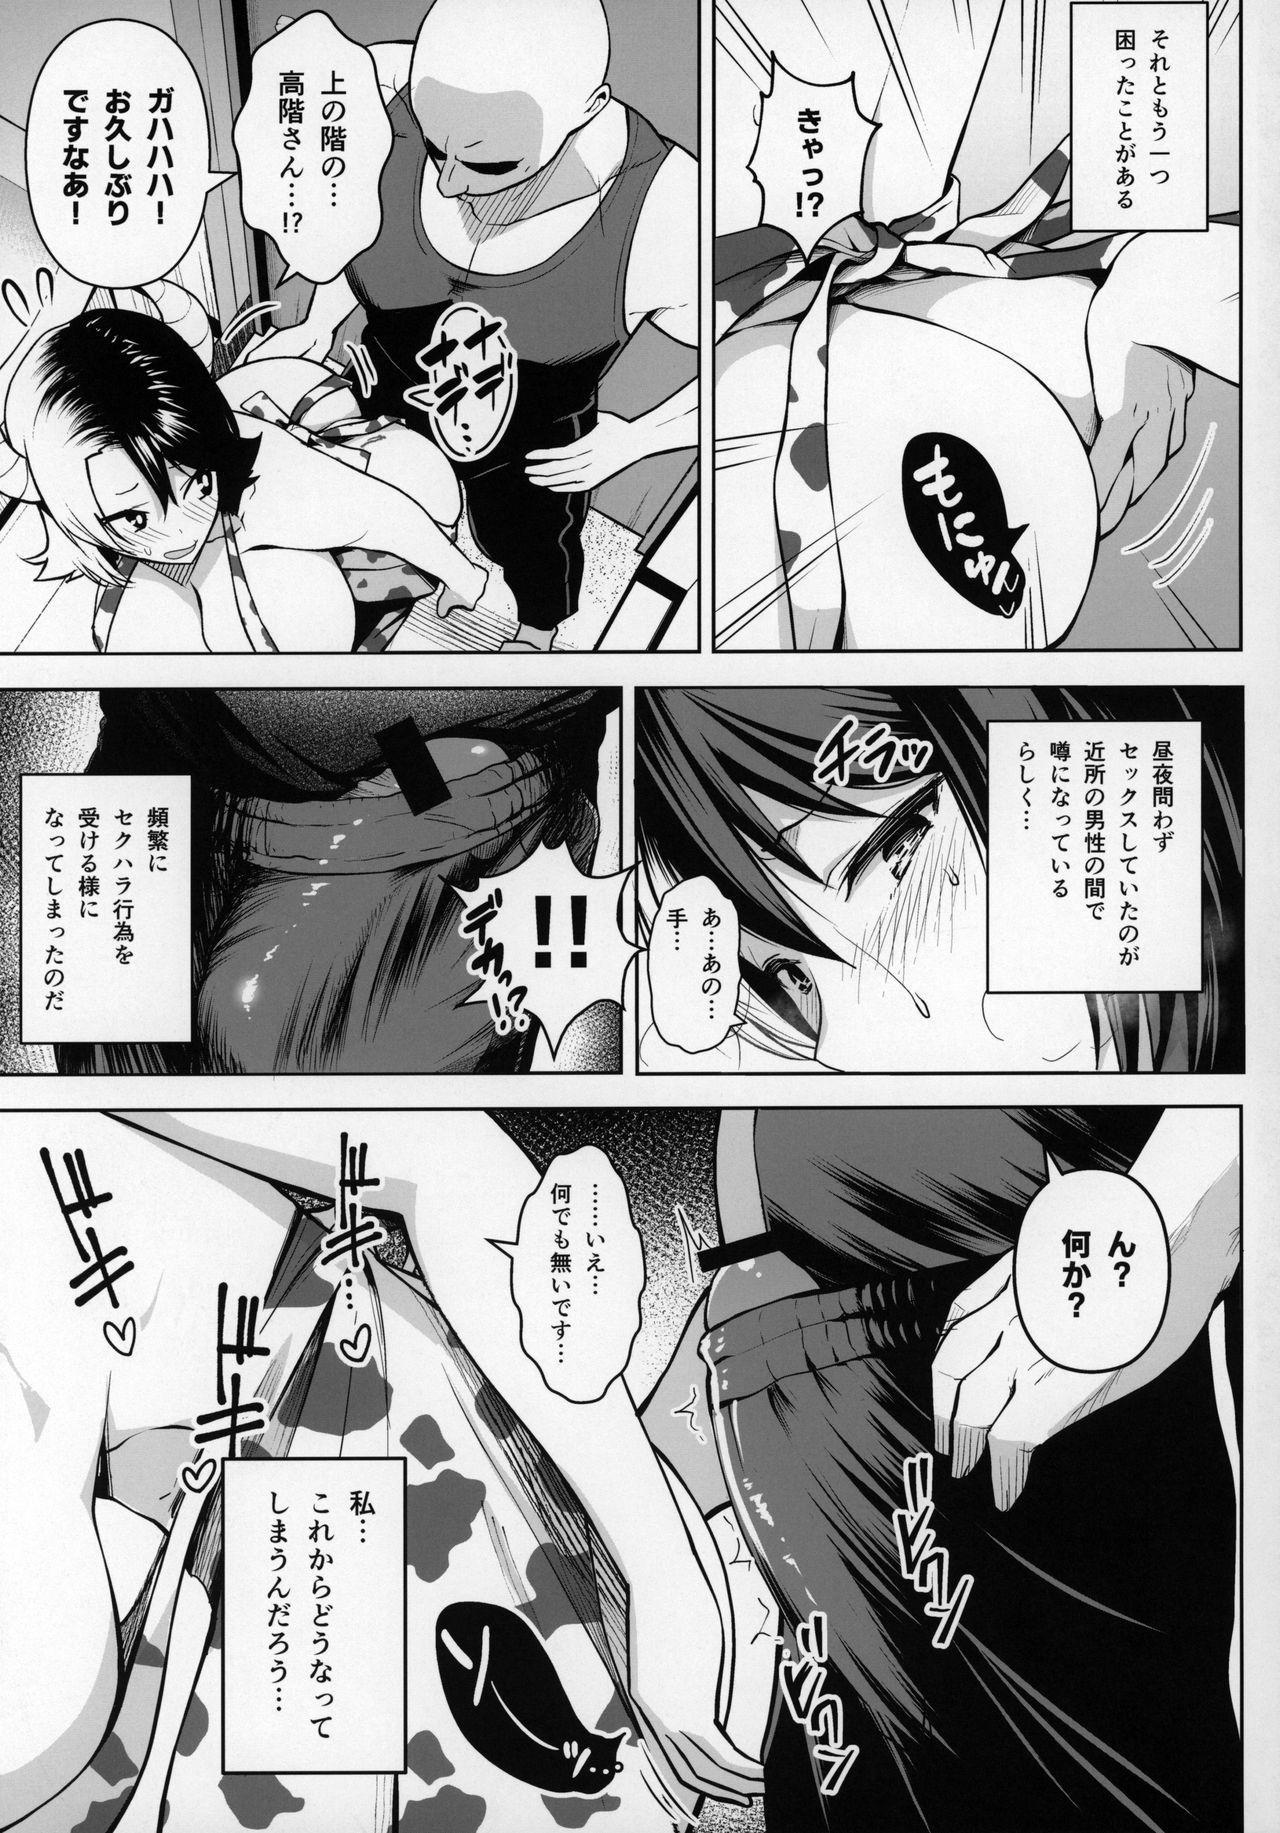 Oku-san no Oppai ga Dekasugiru no ga Warui! 2 31